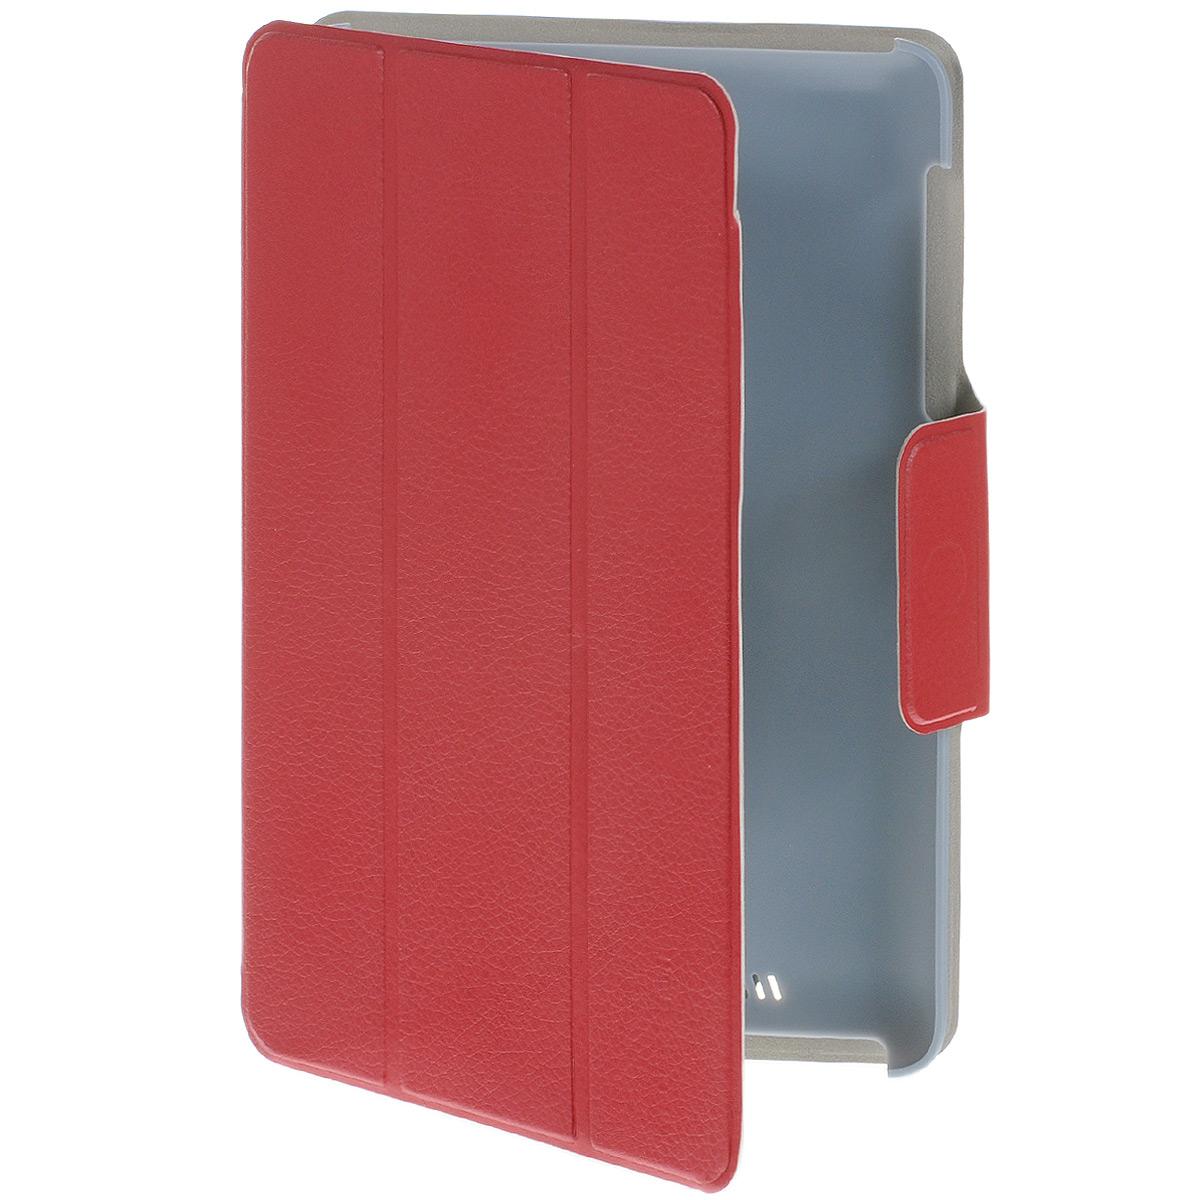 IT Baggage Hard case чехол для Asus Nexus 7, RedITASNX703-3IT BAGGAGE Чехол для планшета ASUS NEXUS 7 Hard case искус. кожа красный